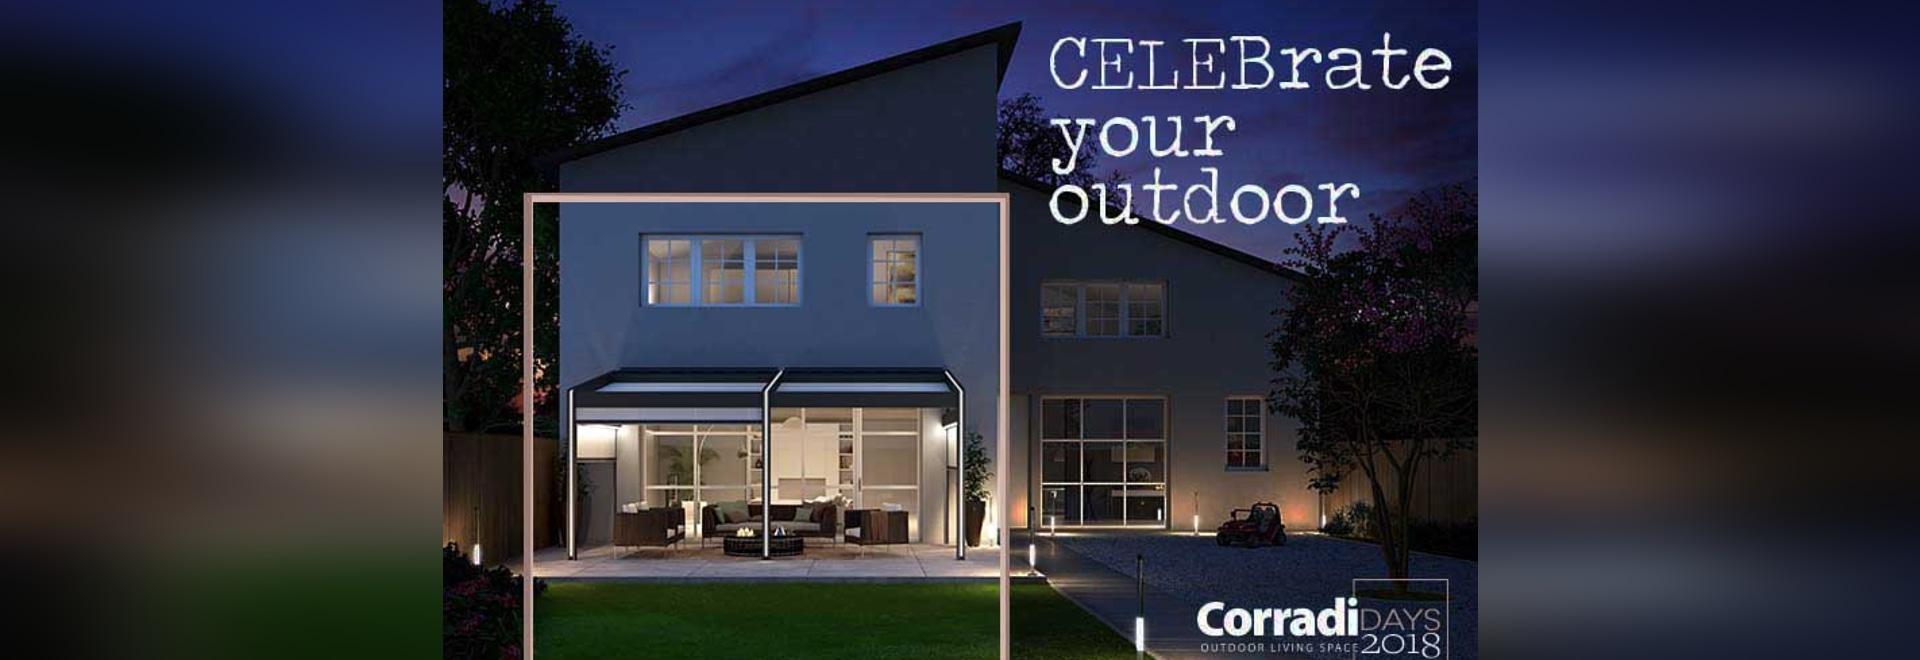 Días de Corradi para celebrar el 40.o cumpleaños de Corradi, comenzando el 26 de mayo